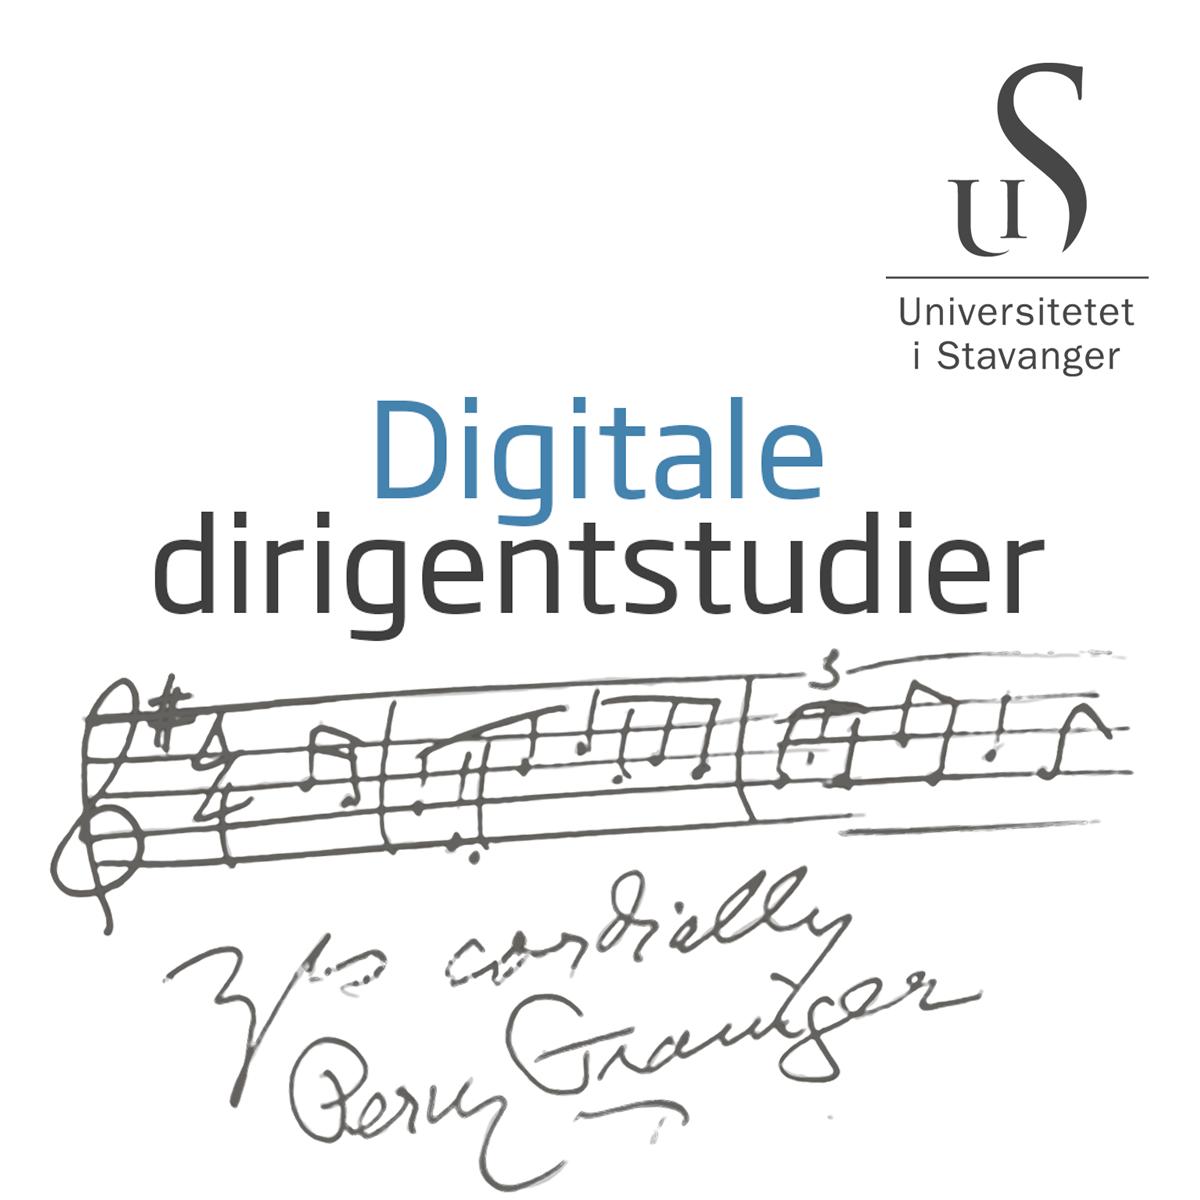 Digitale dirigentstudier